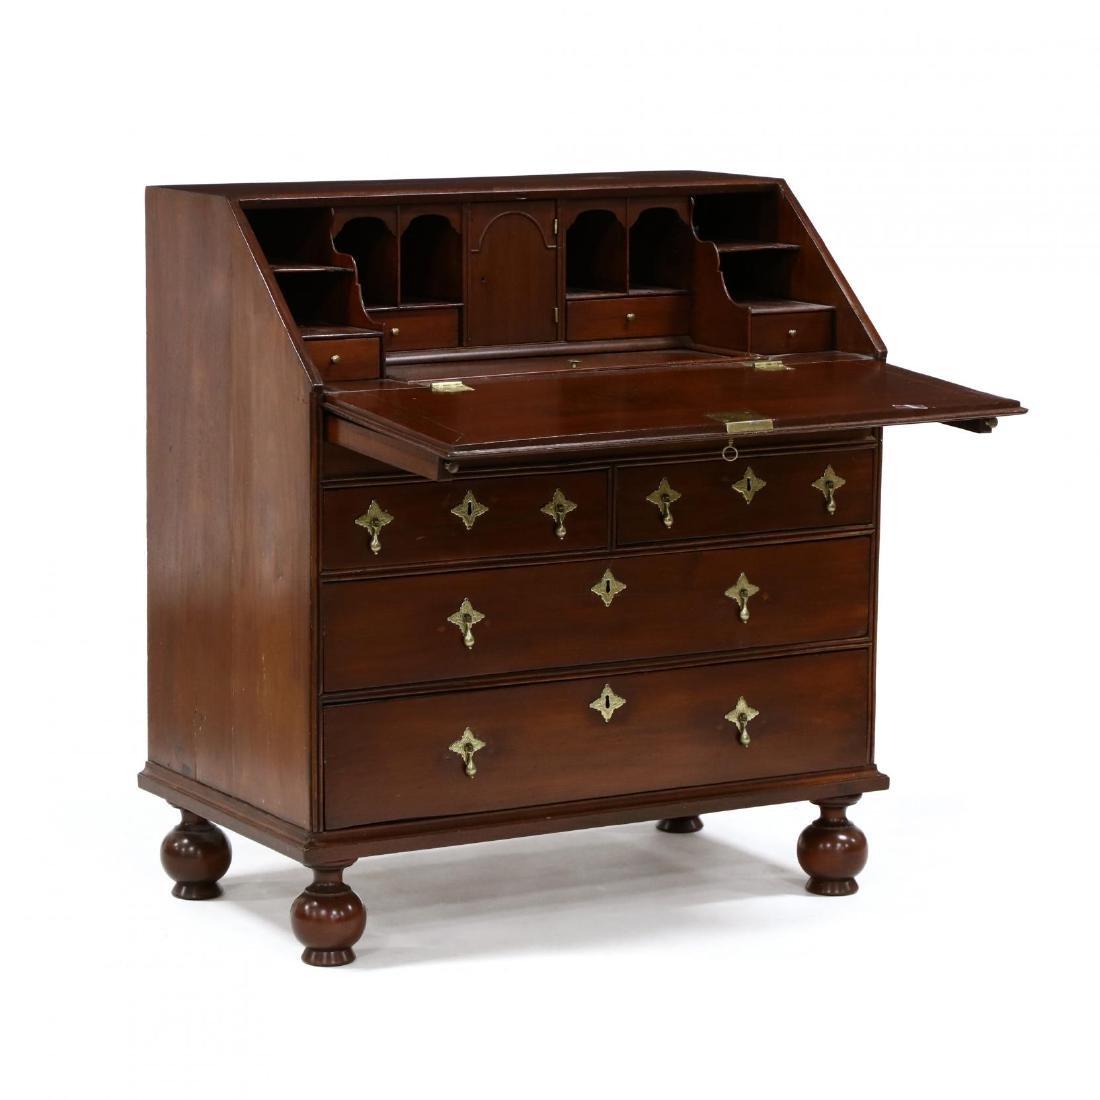 William and Mary Mahogany Slant Front Desk - 2